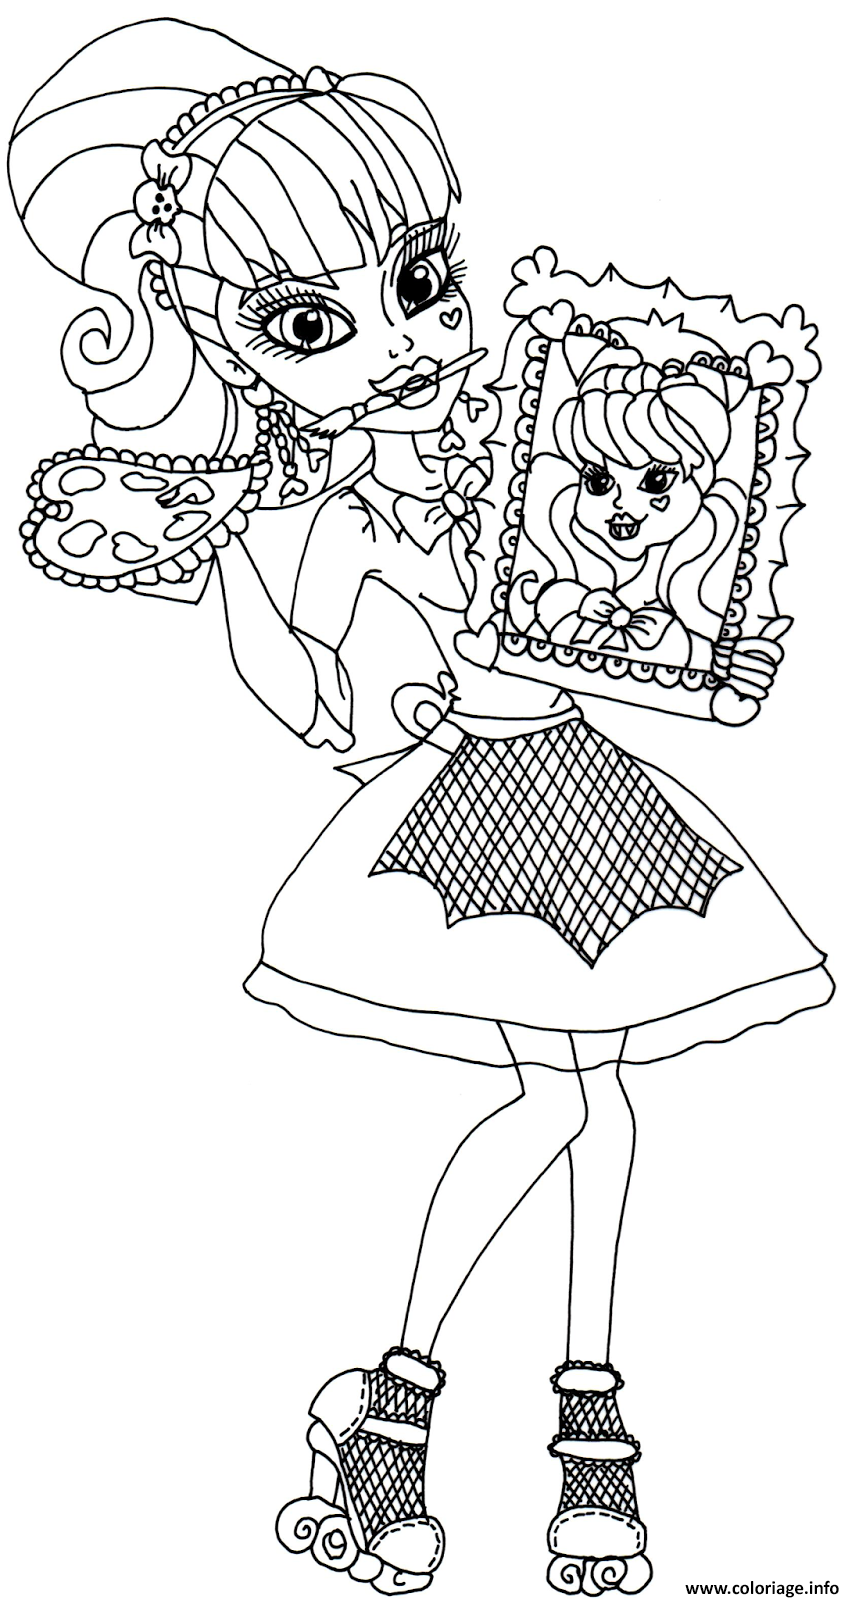 Dessin art 146 Coloriage Gratuit à Imprimer